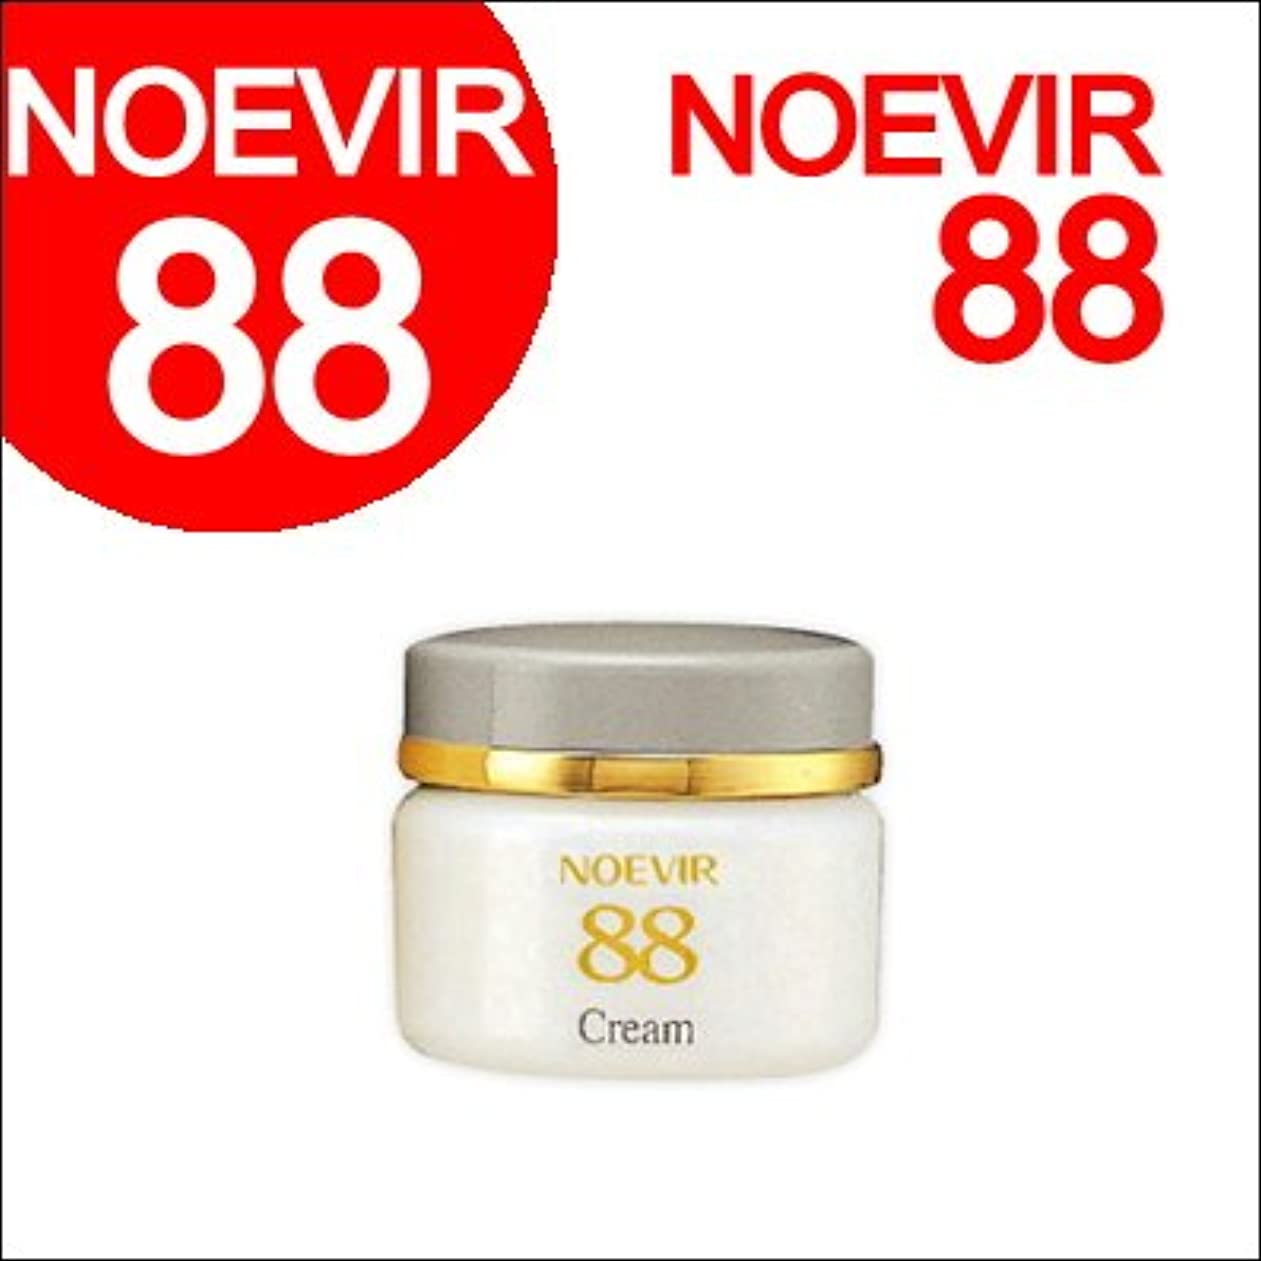 ノエビア 88 クリーム 35g [並行輸入品]